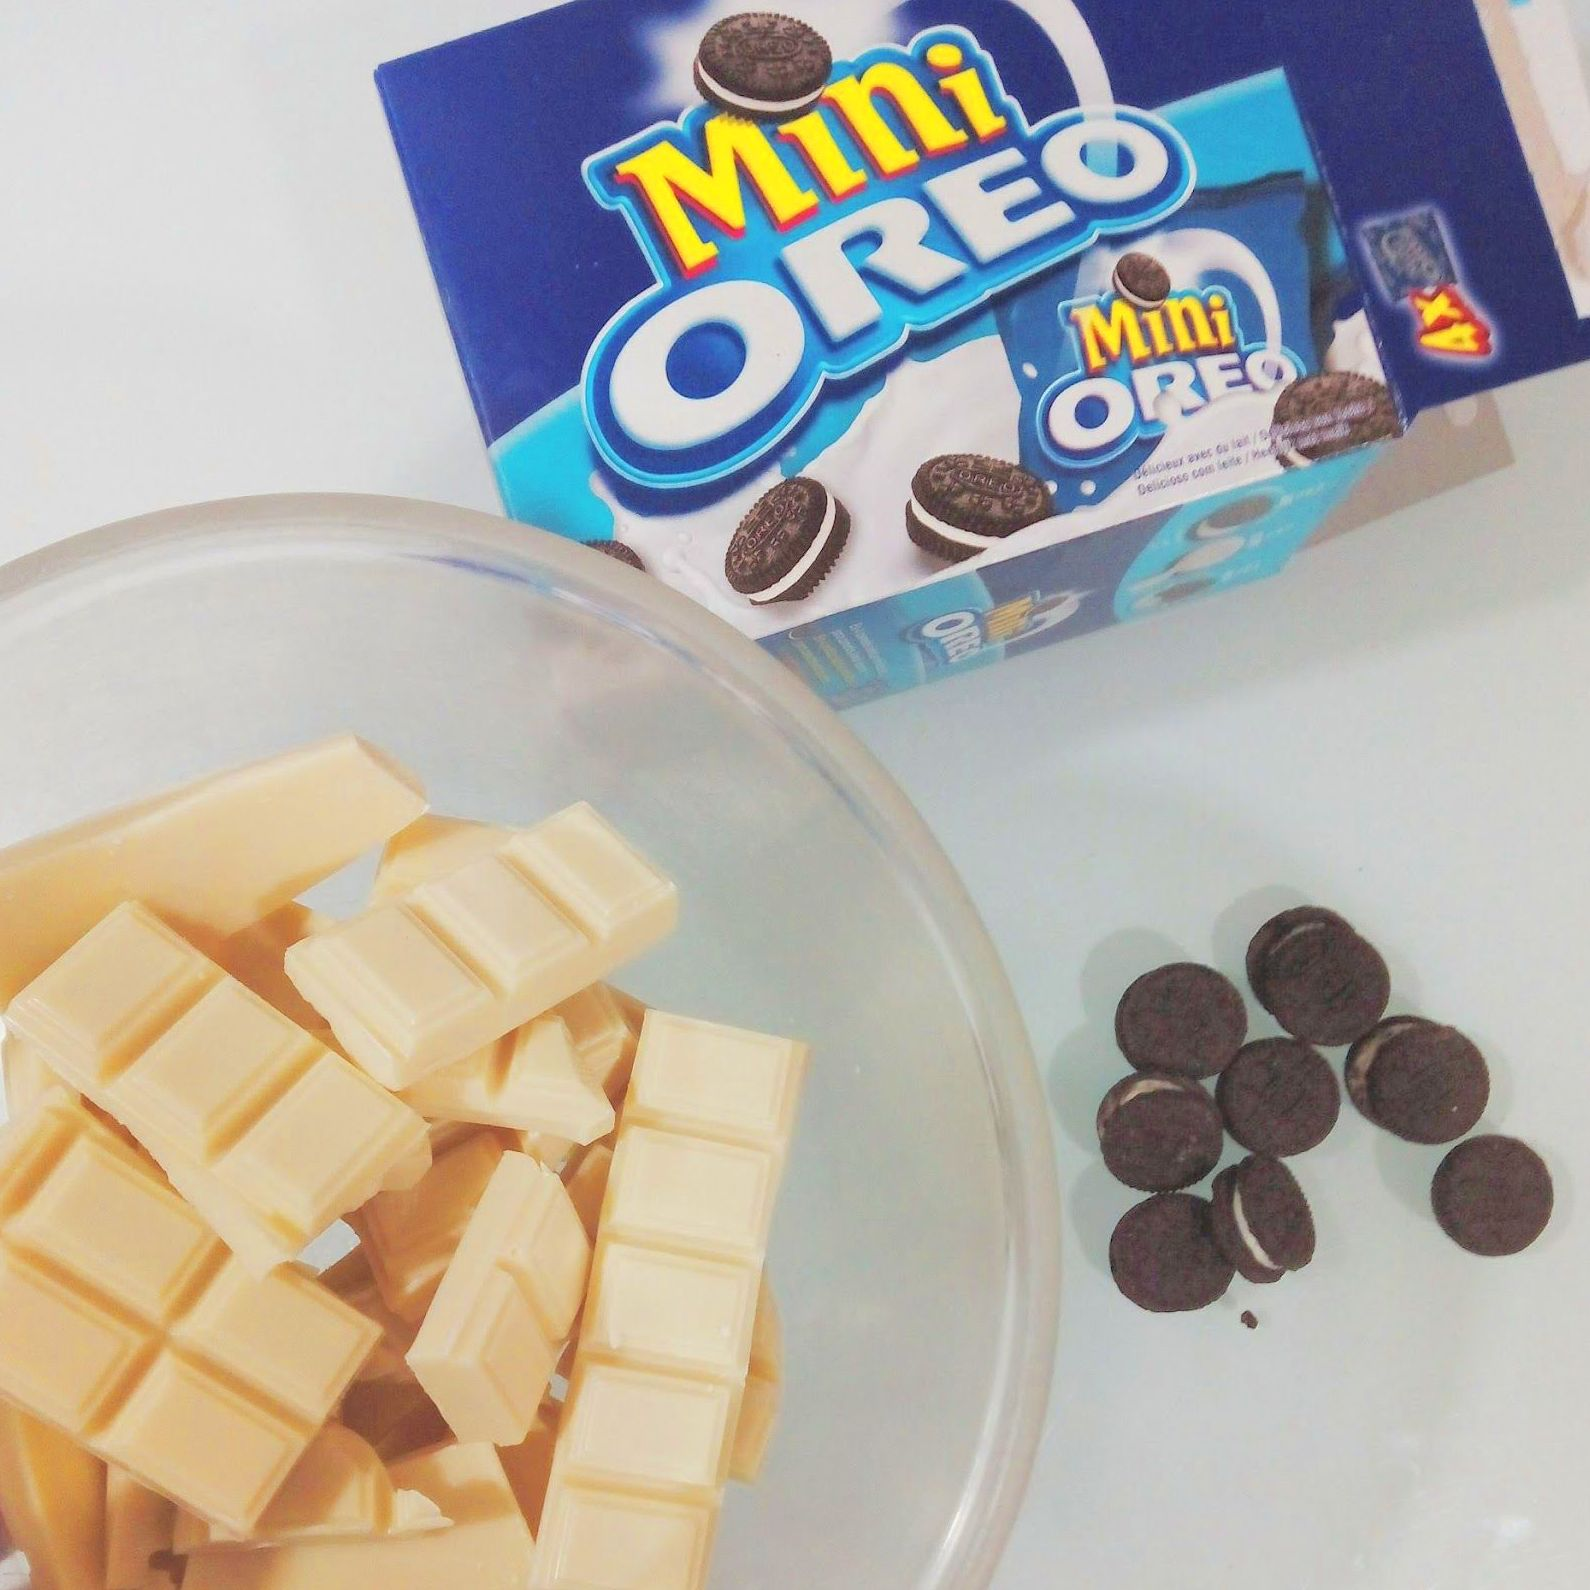 Tartas Caseras de Chocolate Blanco con Oreo®